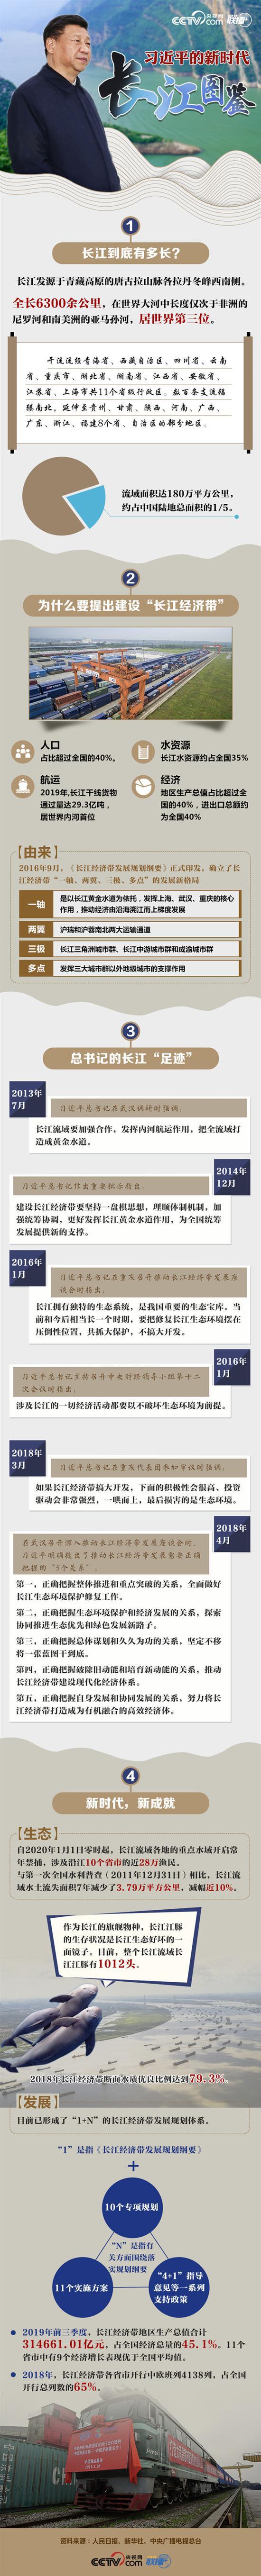 习近平的新时代长江图鉴